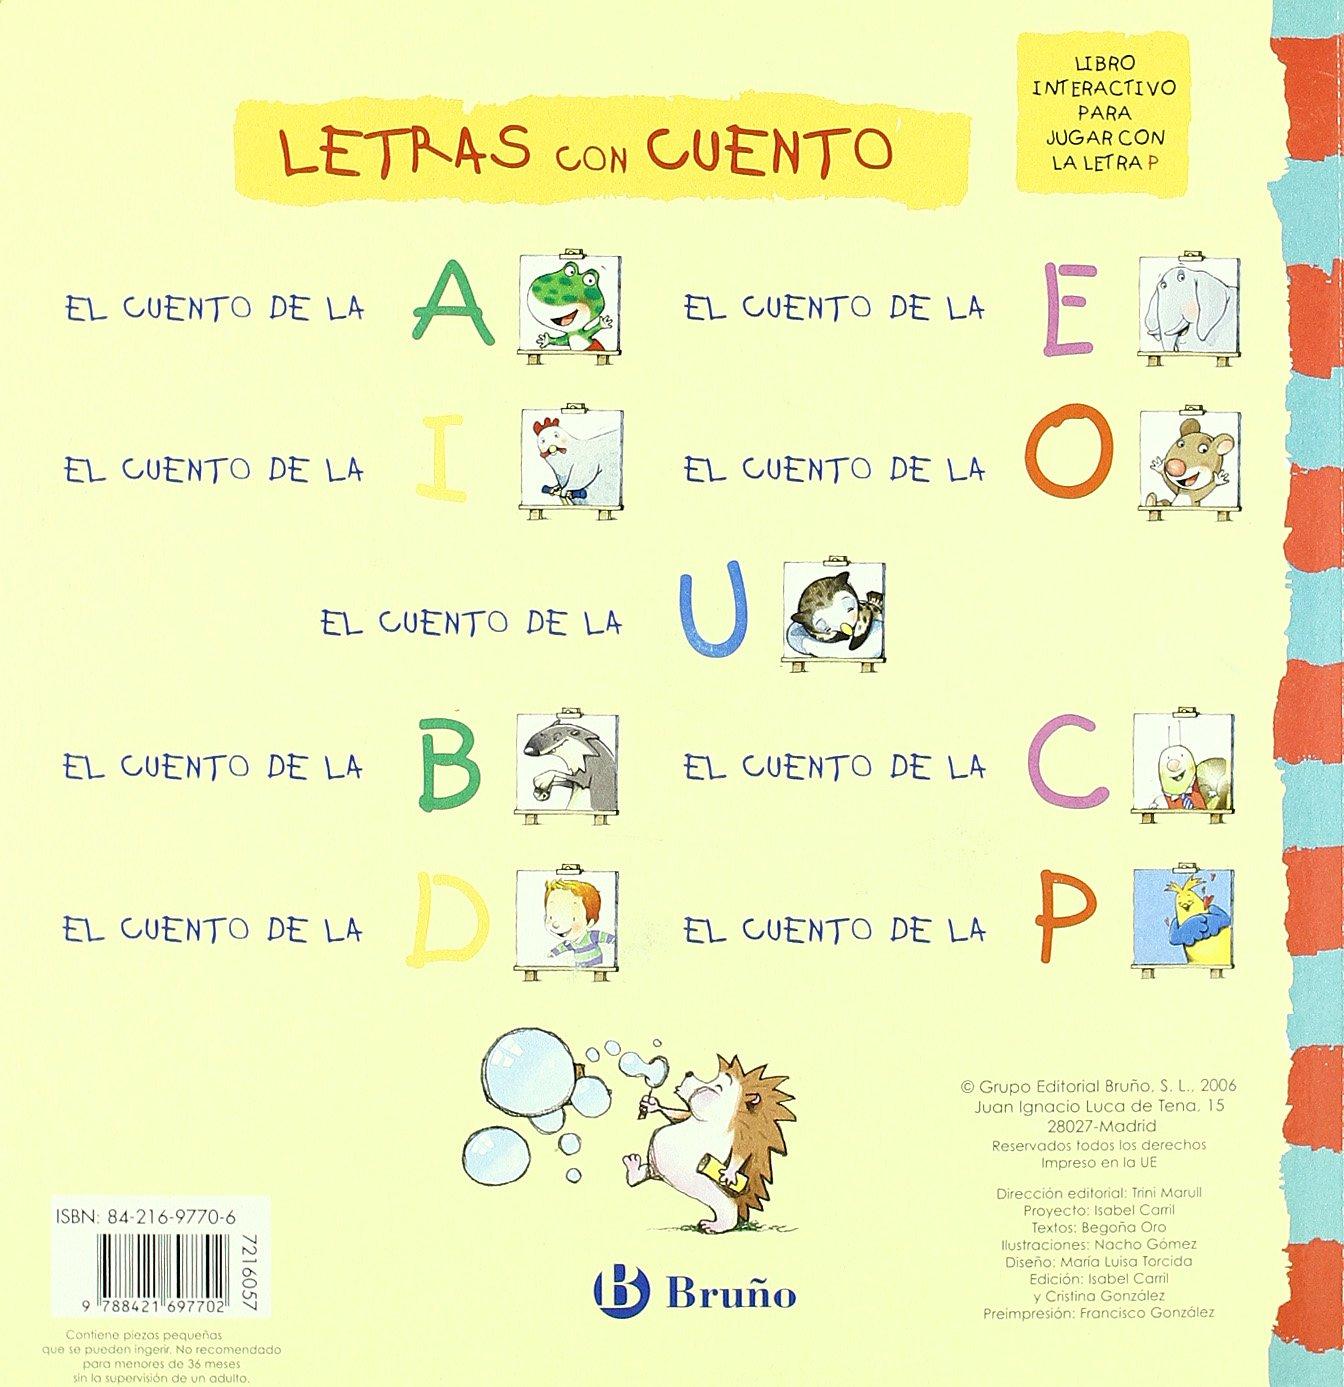 El Cuento De La P Story Of P Begona Oro Nacho Gomez Amazon  # Muebles Nacho Gomez